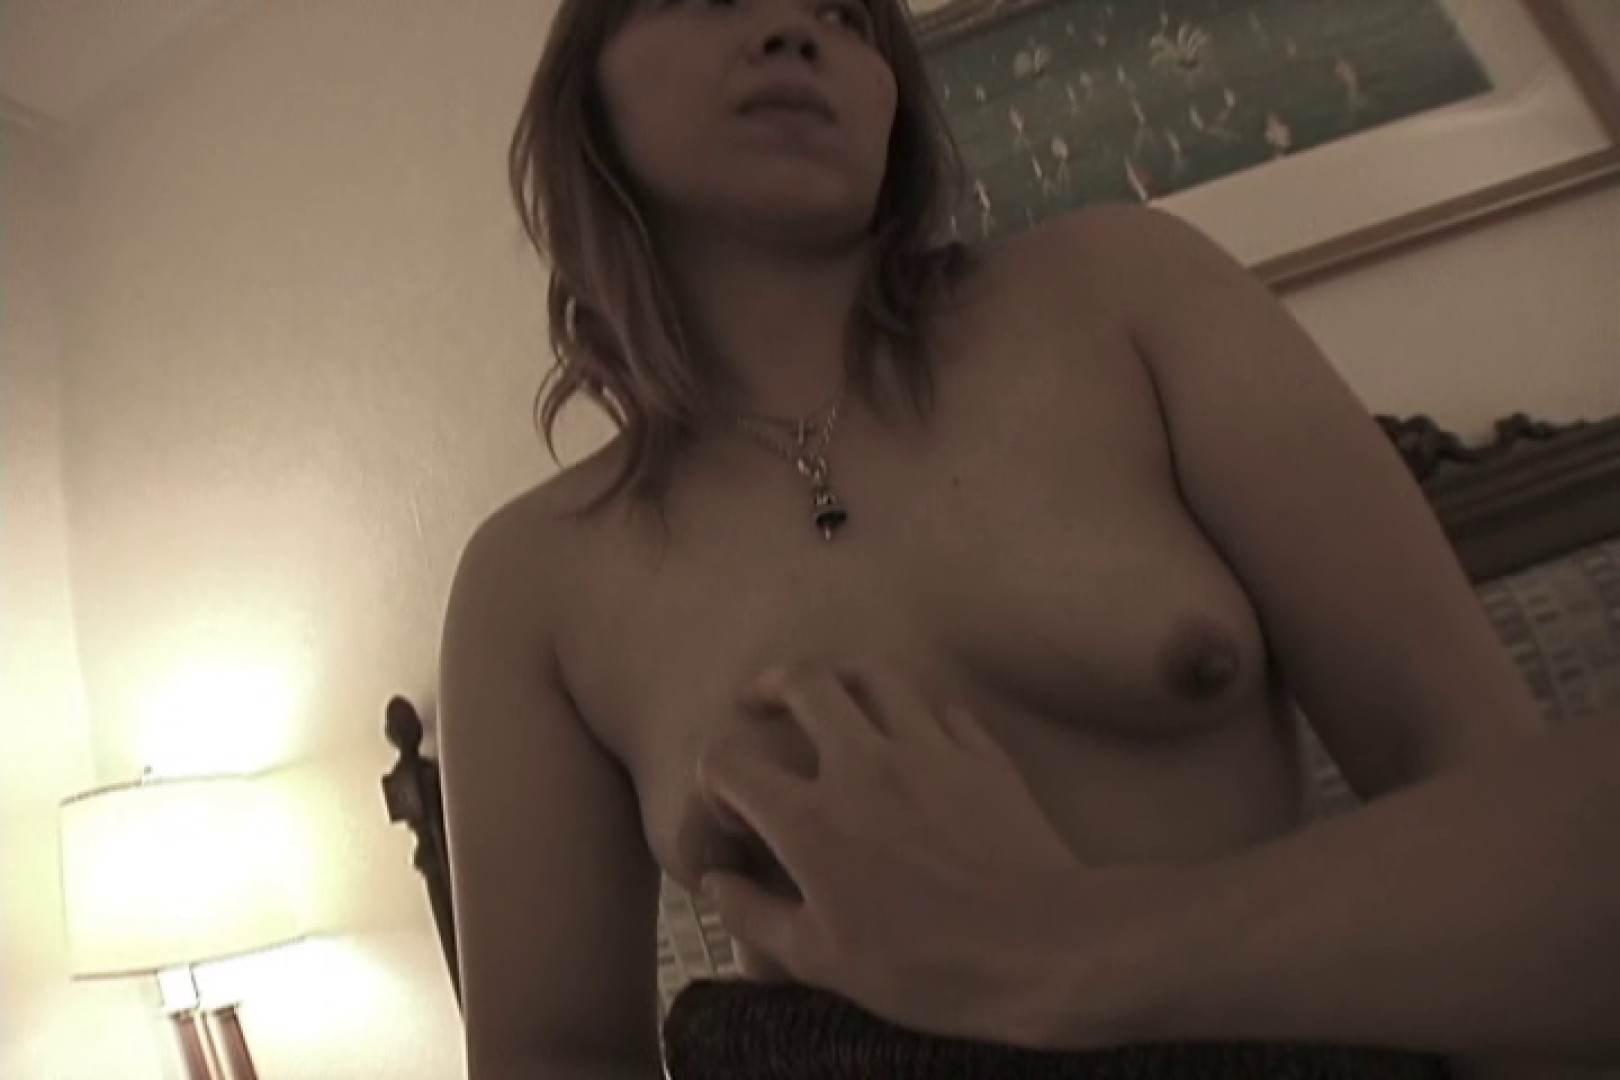 ツンデレ素人嬢もチンポには弱い~増田あけみ~ 熟女  25連発 16